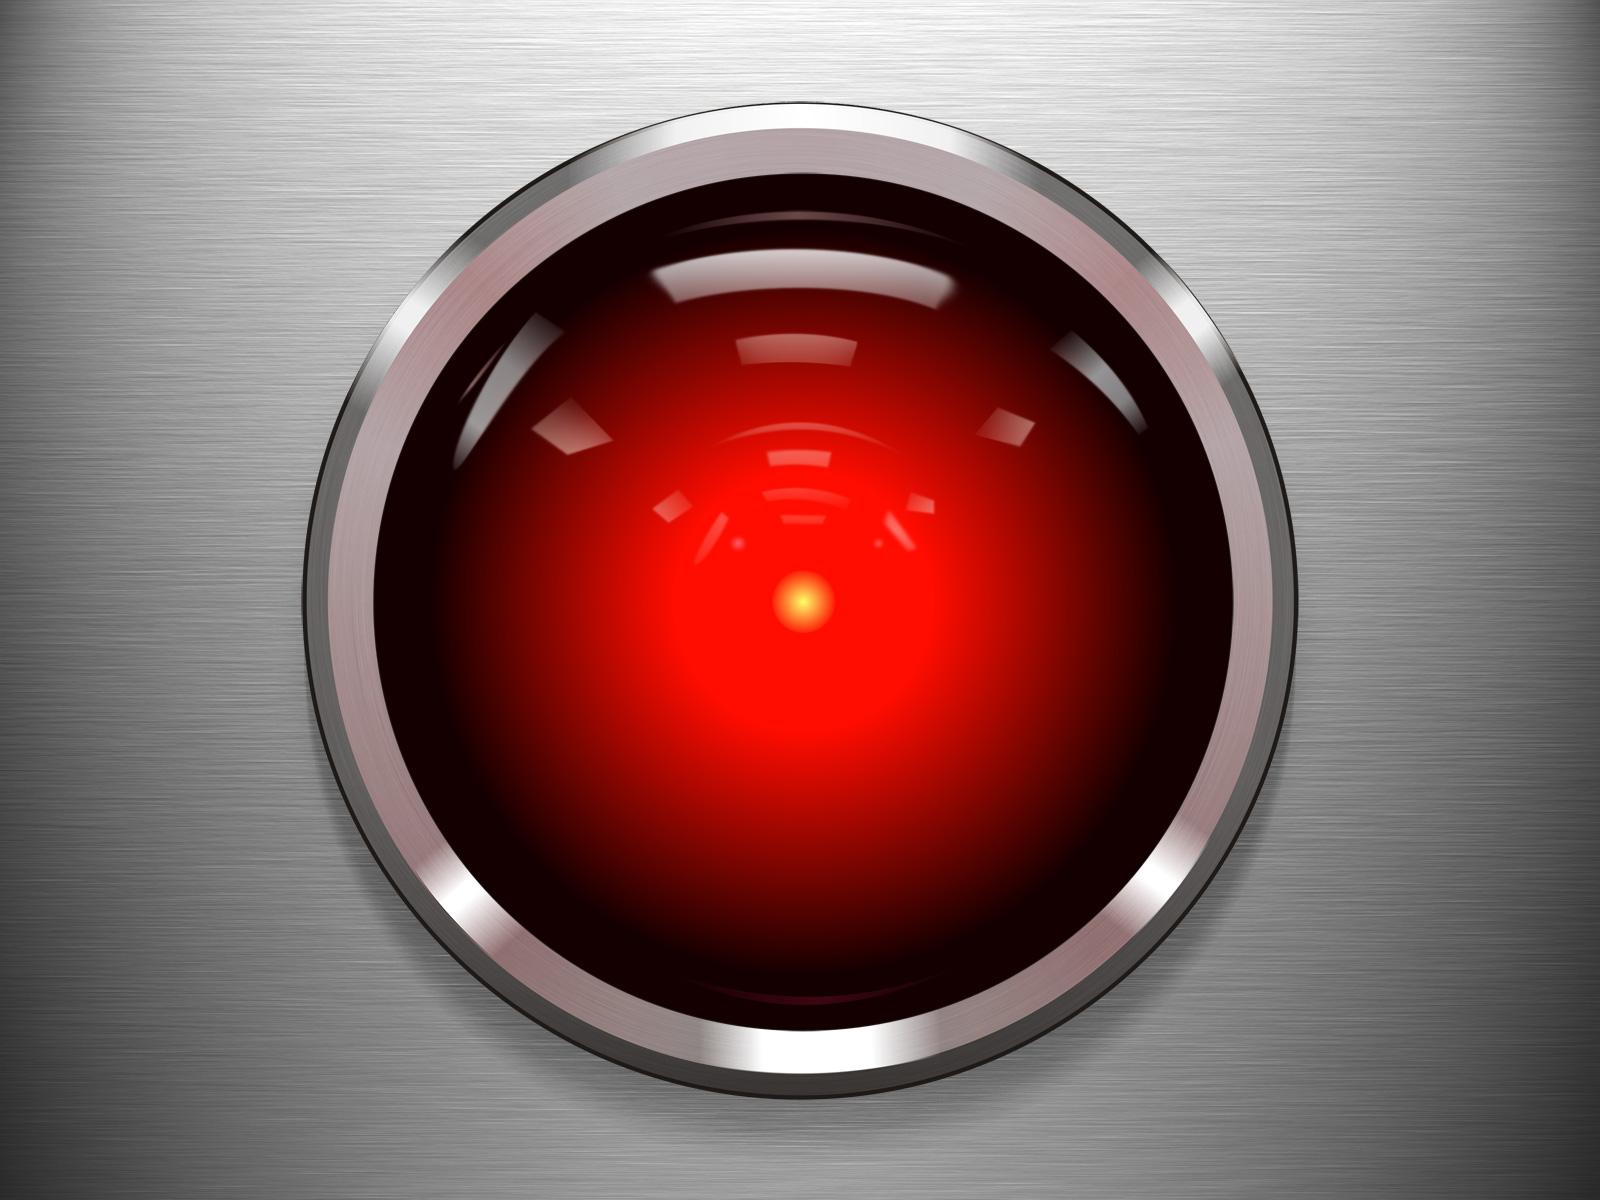 HAL 9000 eye